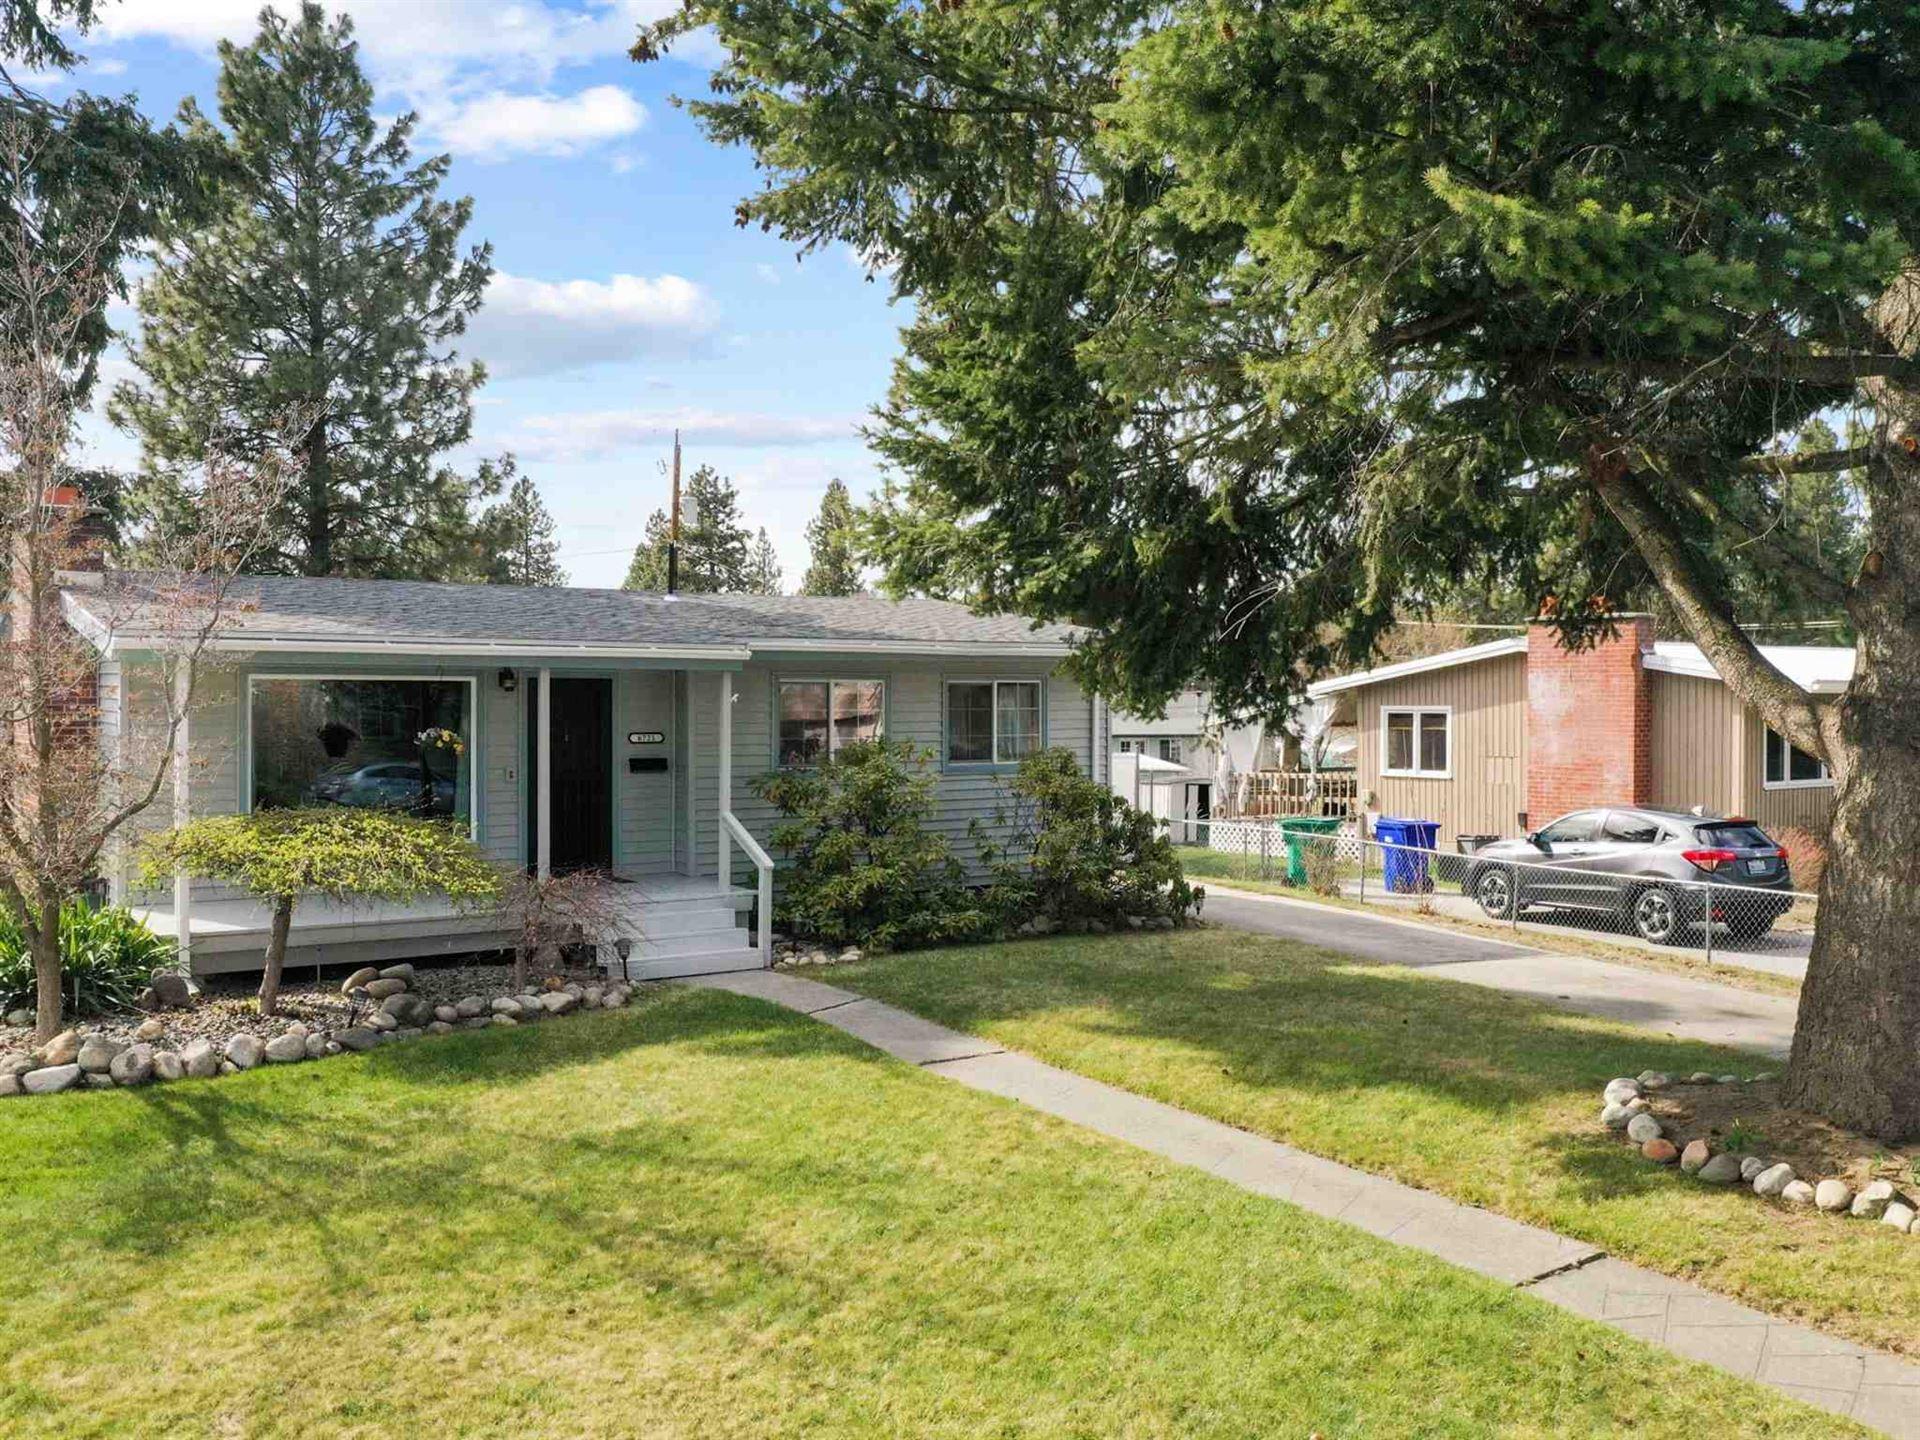 6721 N Calispel St, Spokane, WA 99208 - #: 202114073